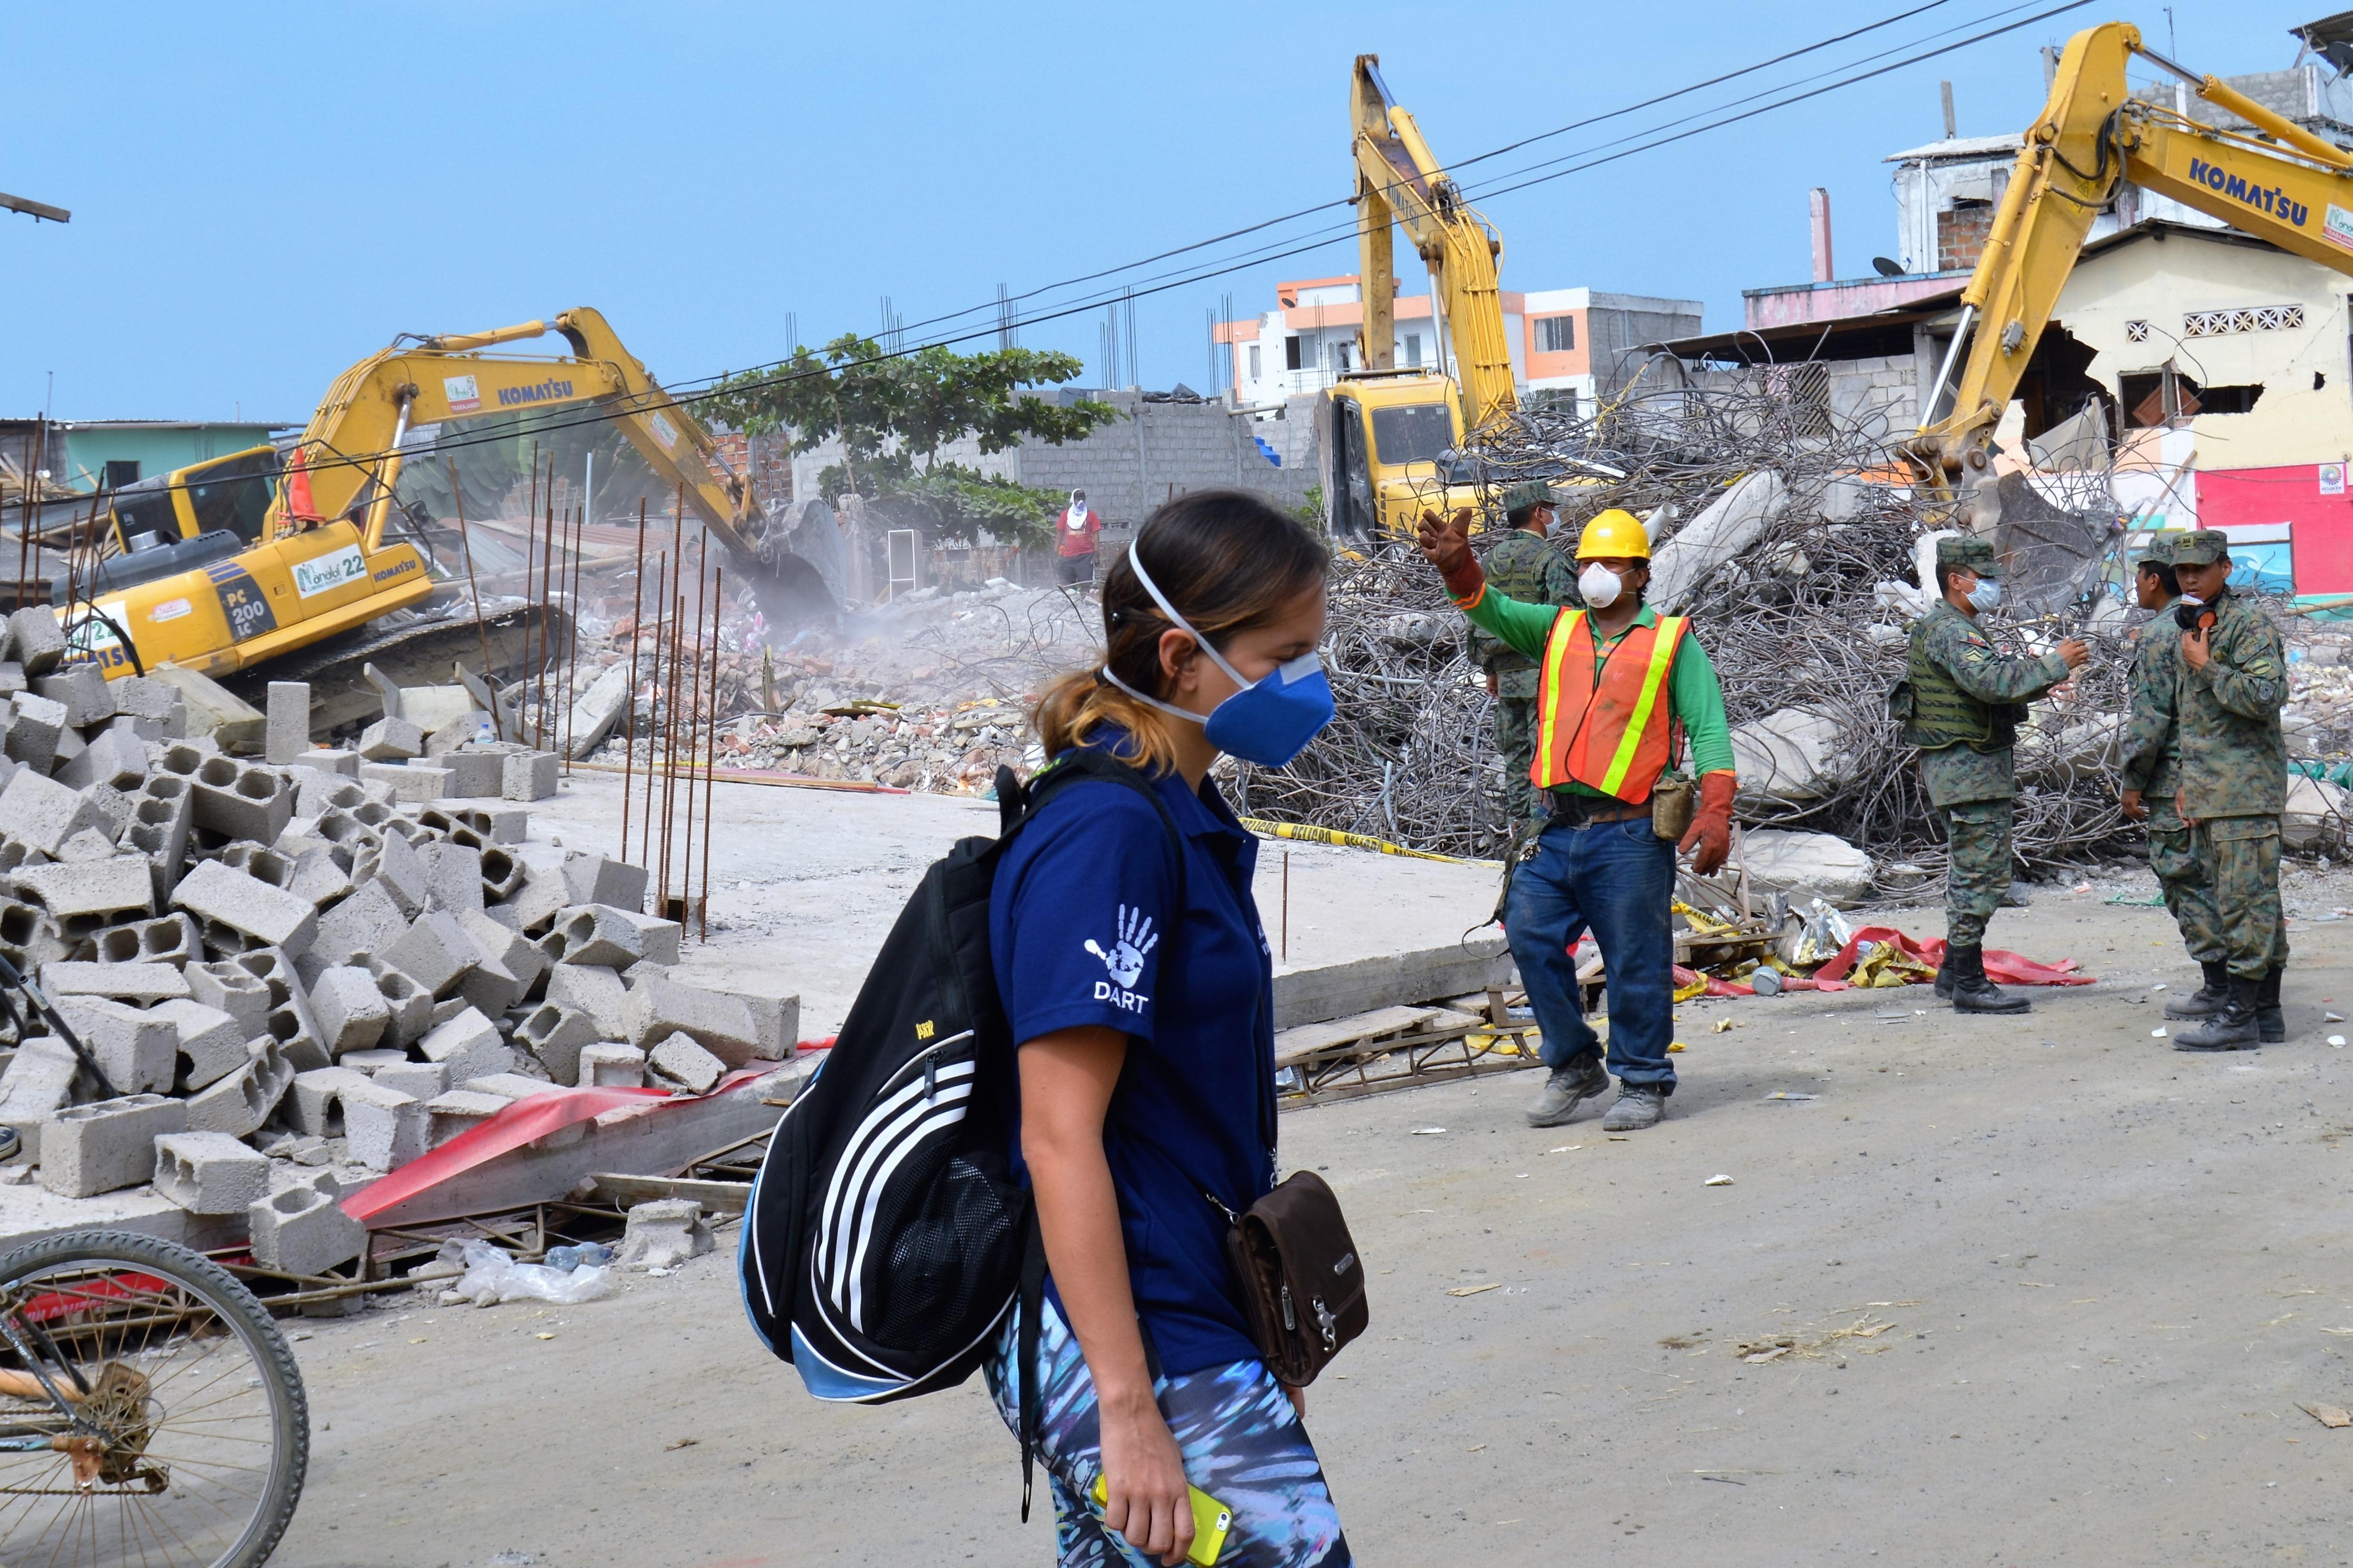 donate to ecuador earthquake rapid response globalgiving Ecuador Beaches Most Popular Food in Ecuador